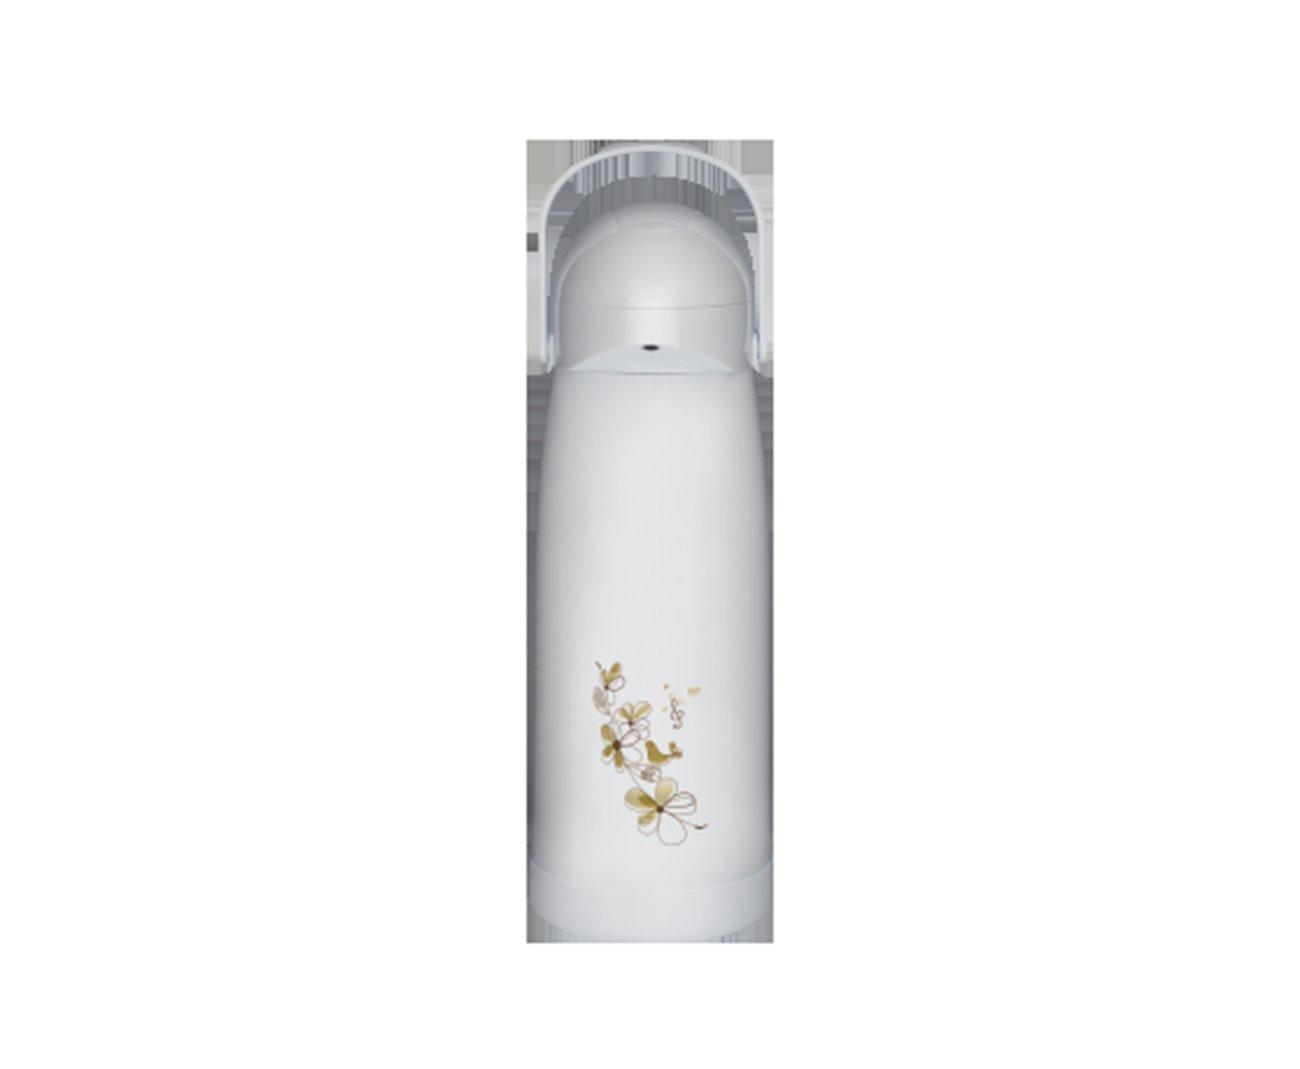 Garrafa Térmica De Pressão Nobile 1,9 Decorada Branca - Mor